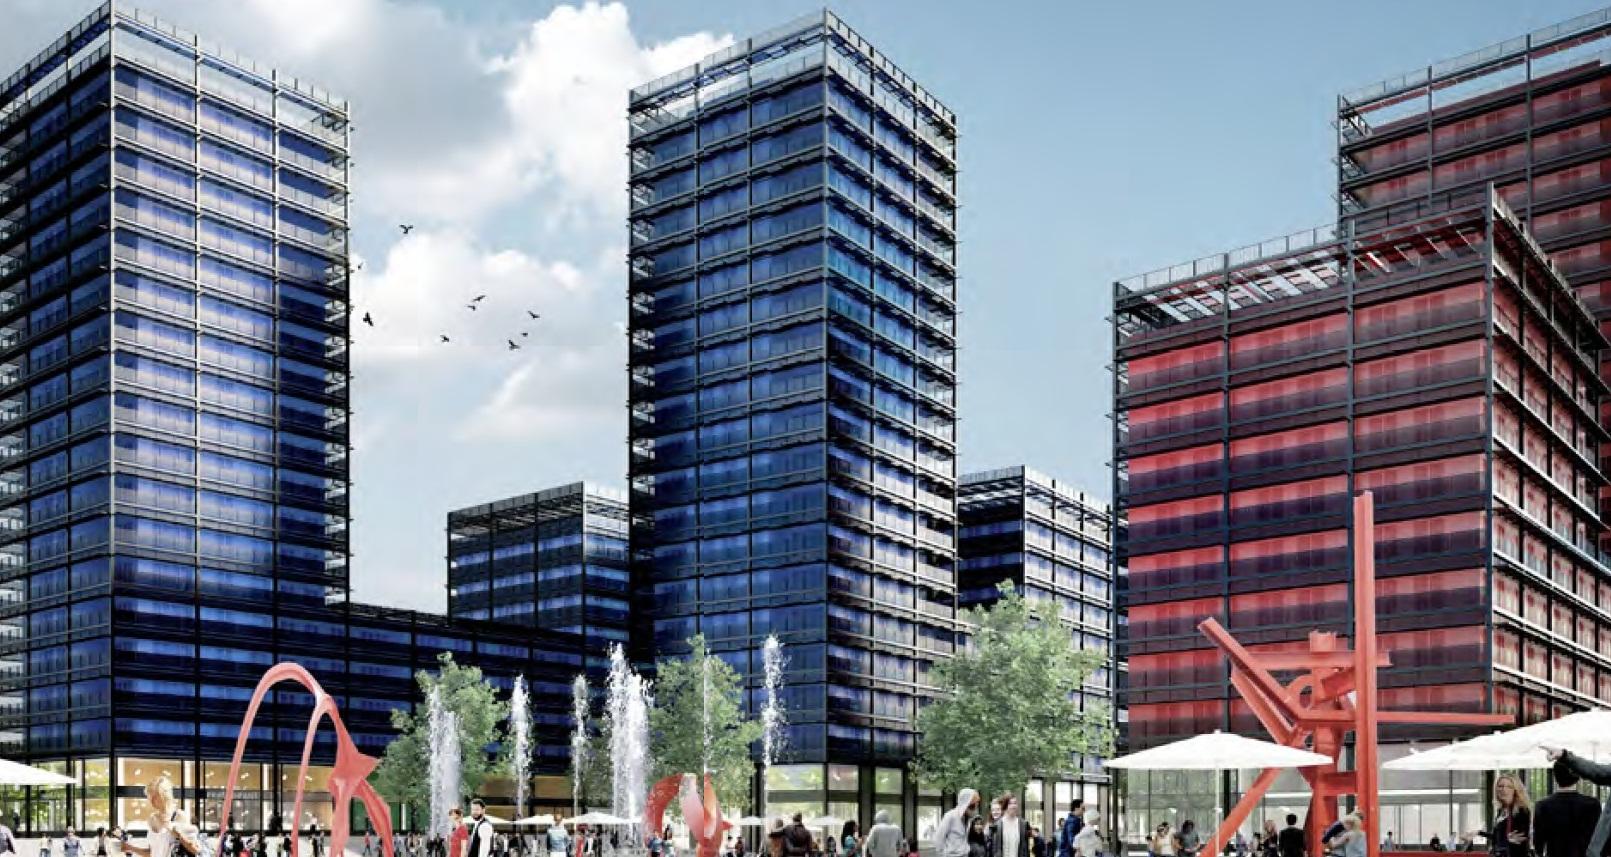 Les cygnes noirs de Strasbourg surplomberont bientôt la ville